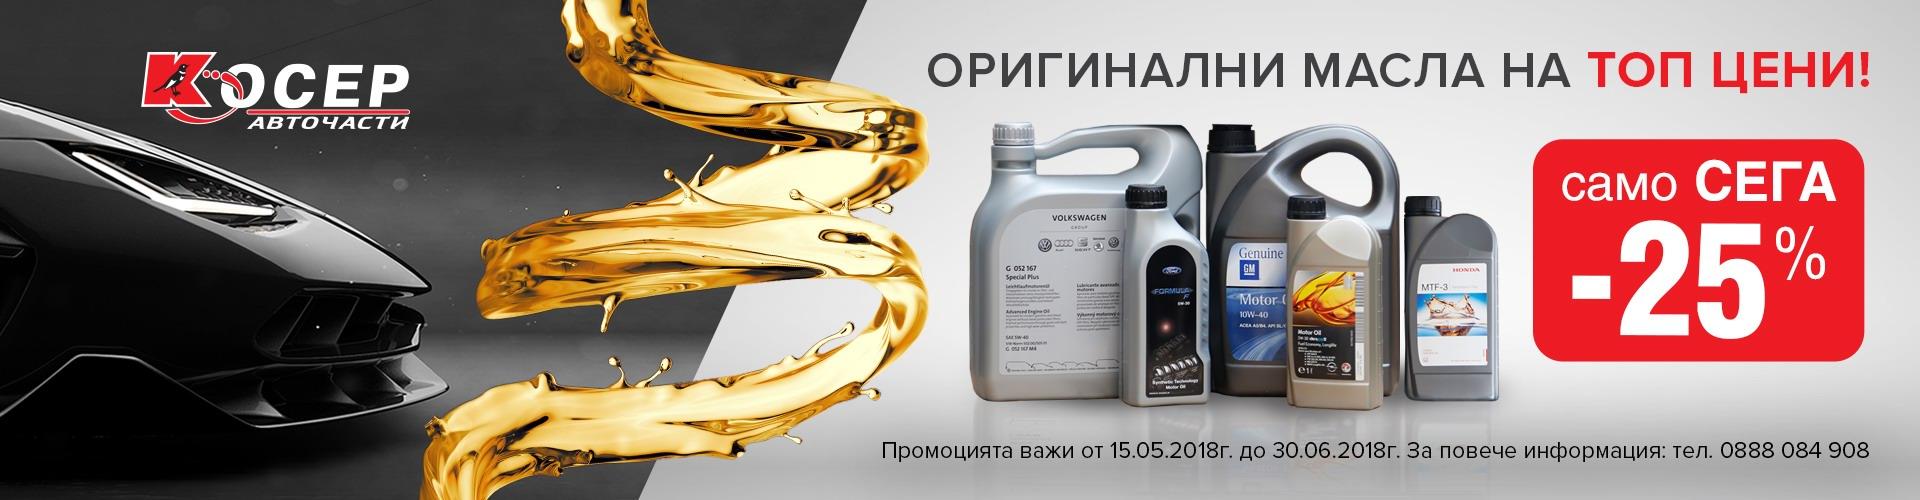 promocia_kosser_oe_oils_banner_new.jpg